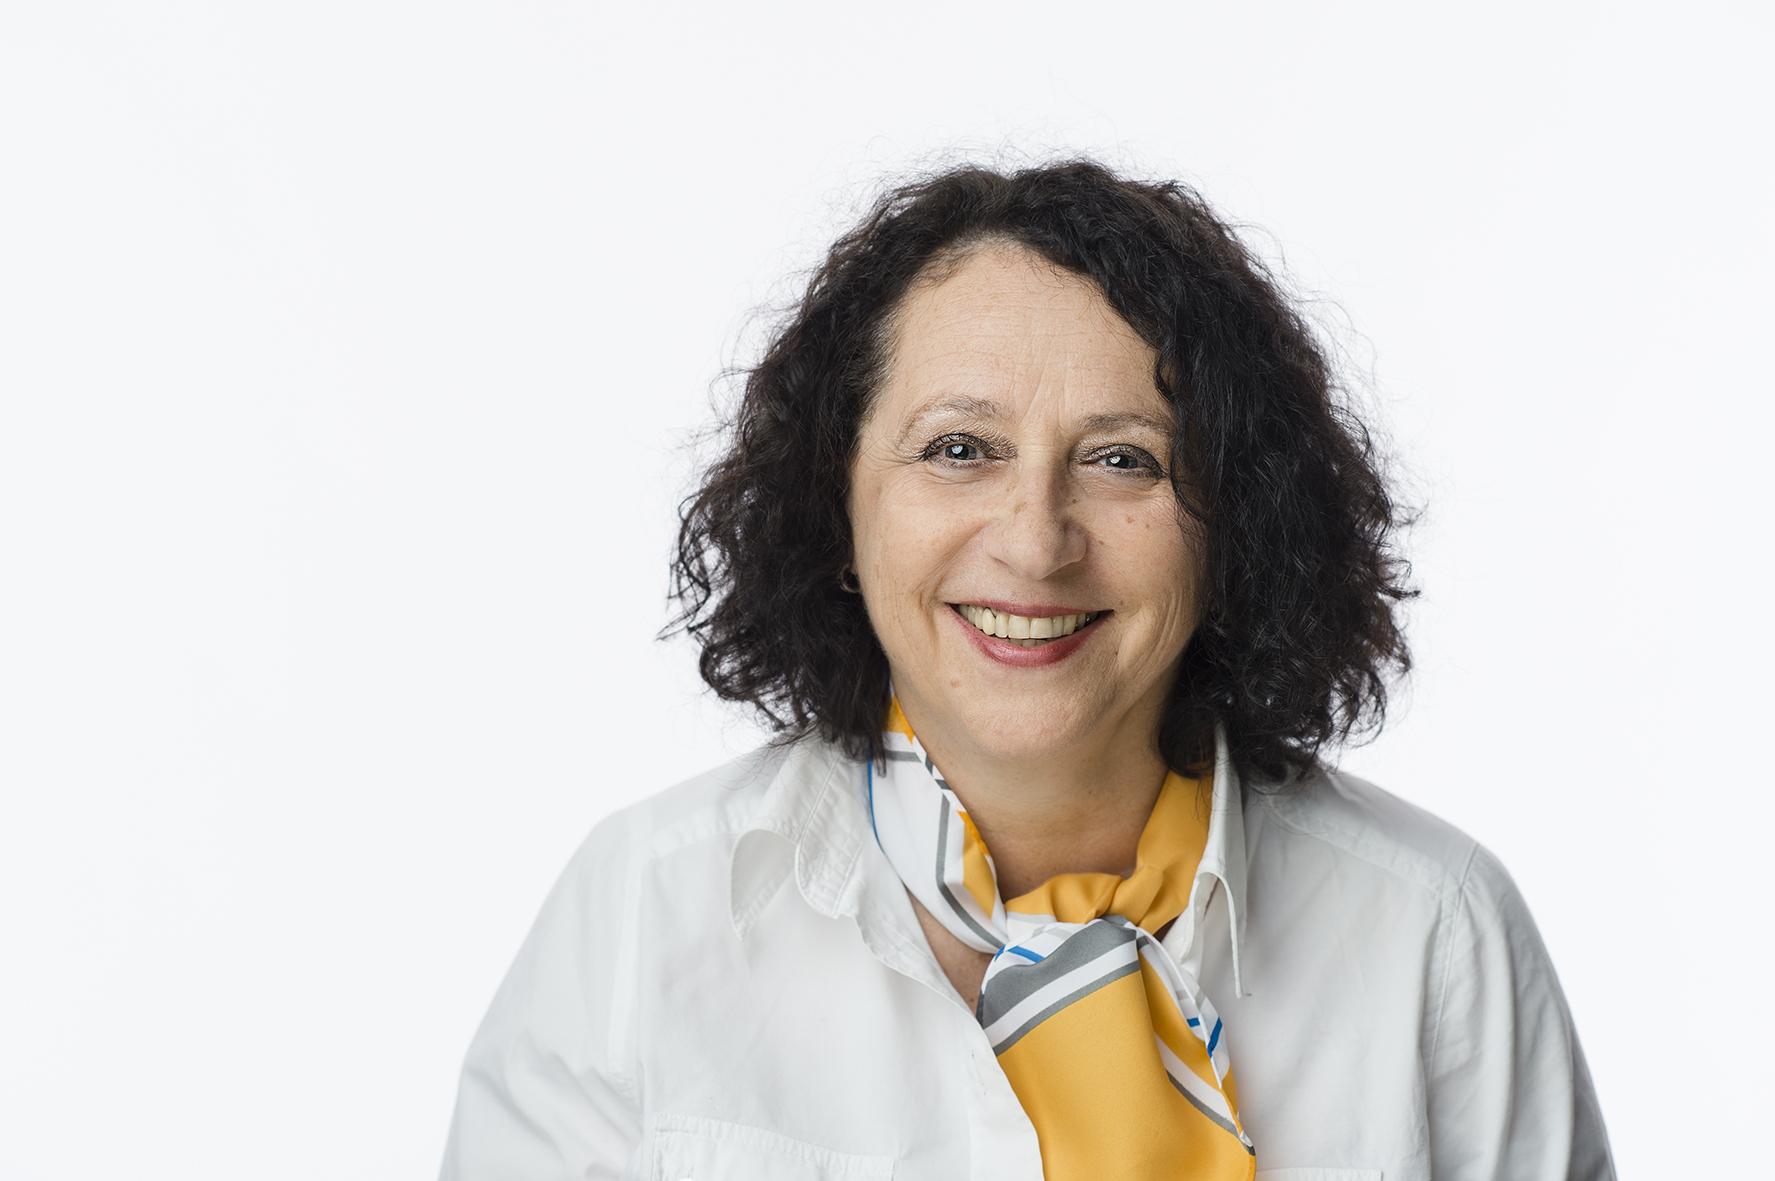 Barbara Mangold